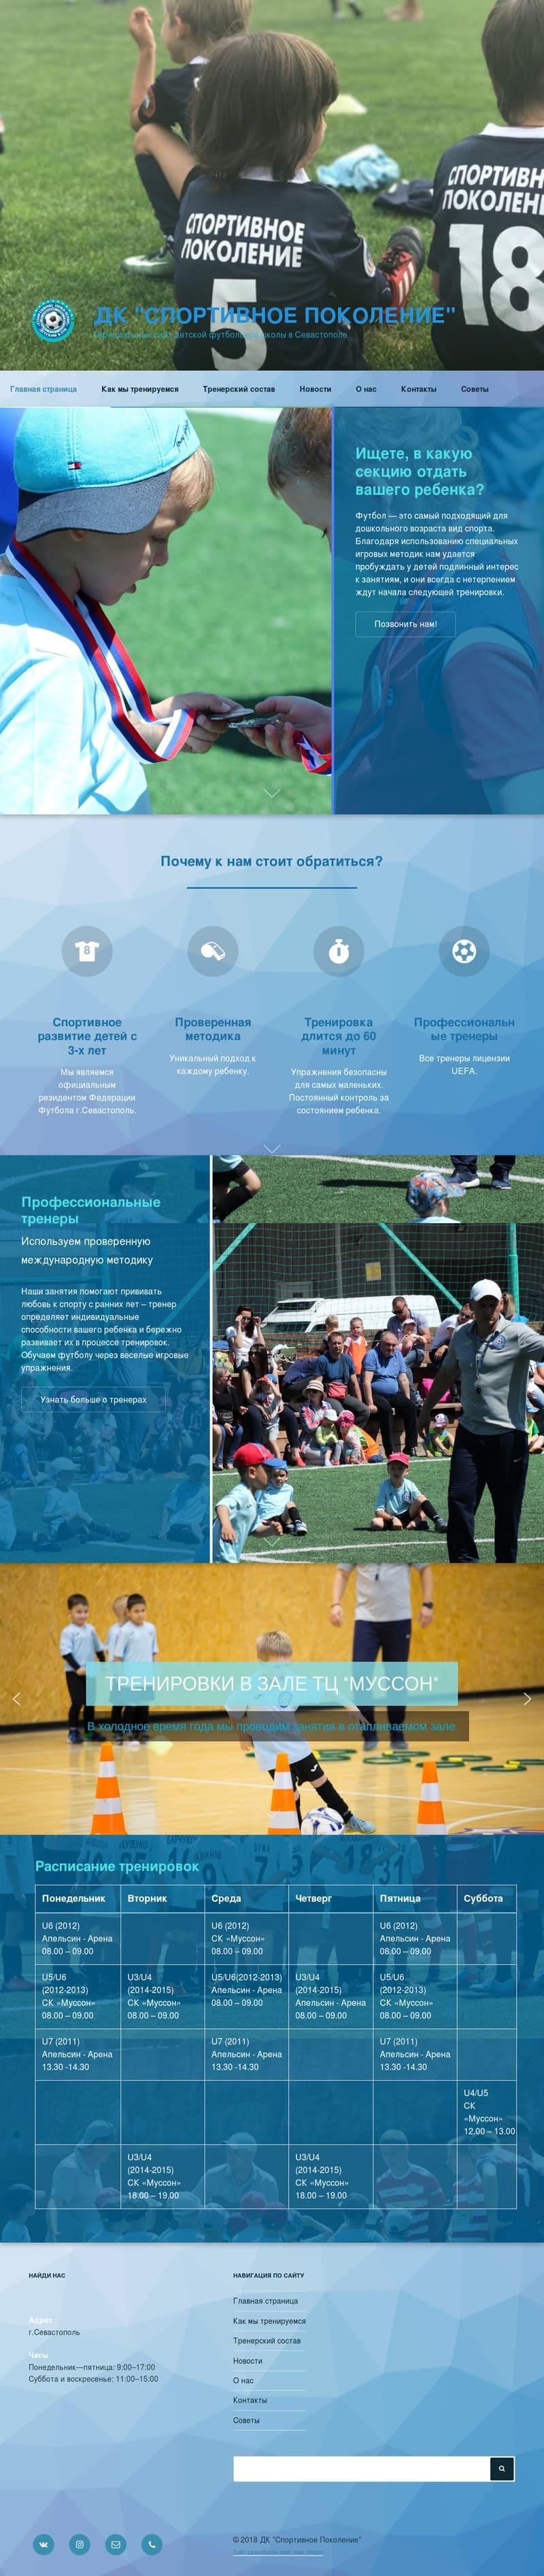 site screen